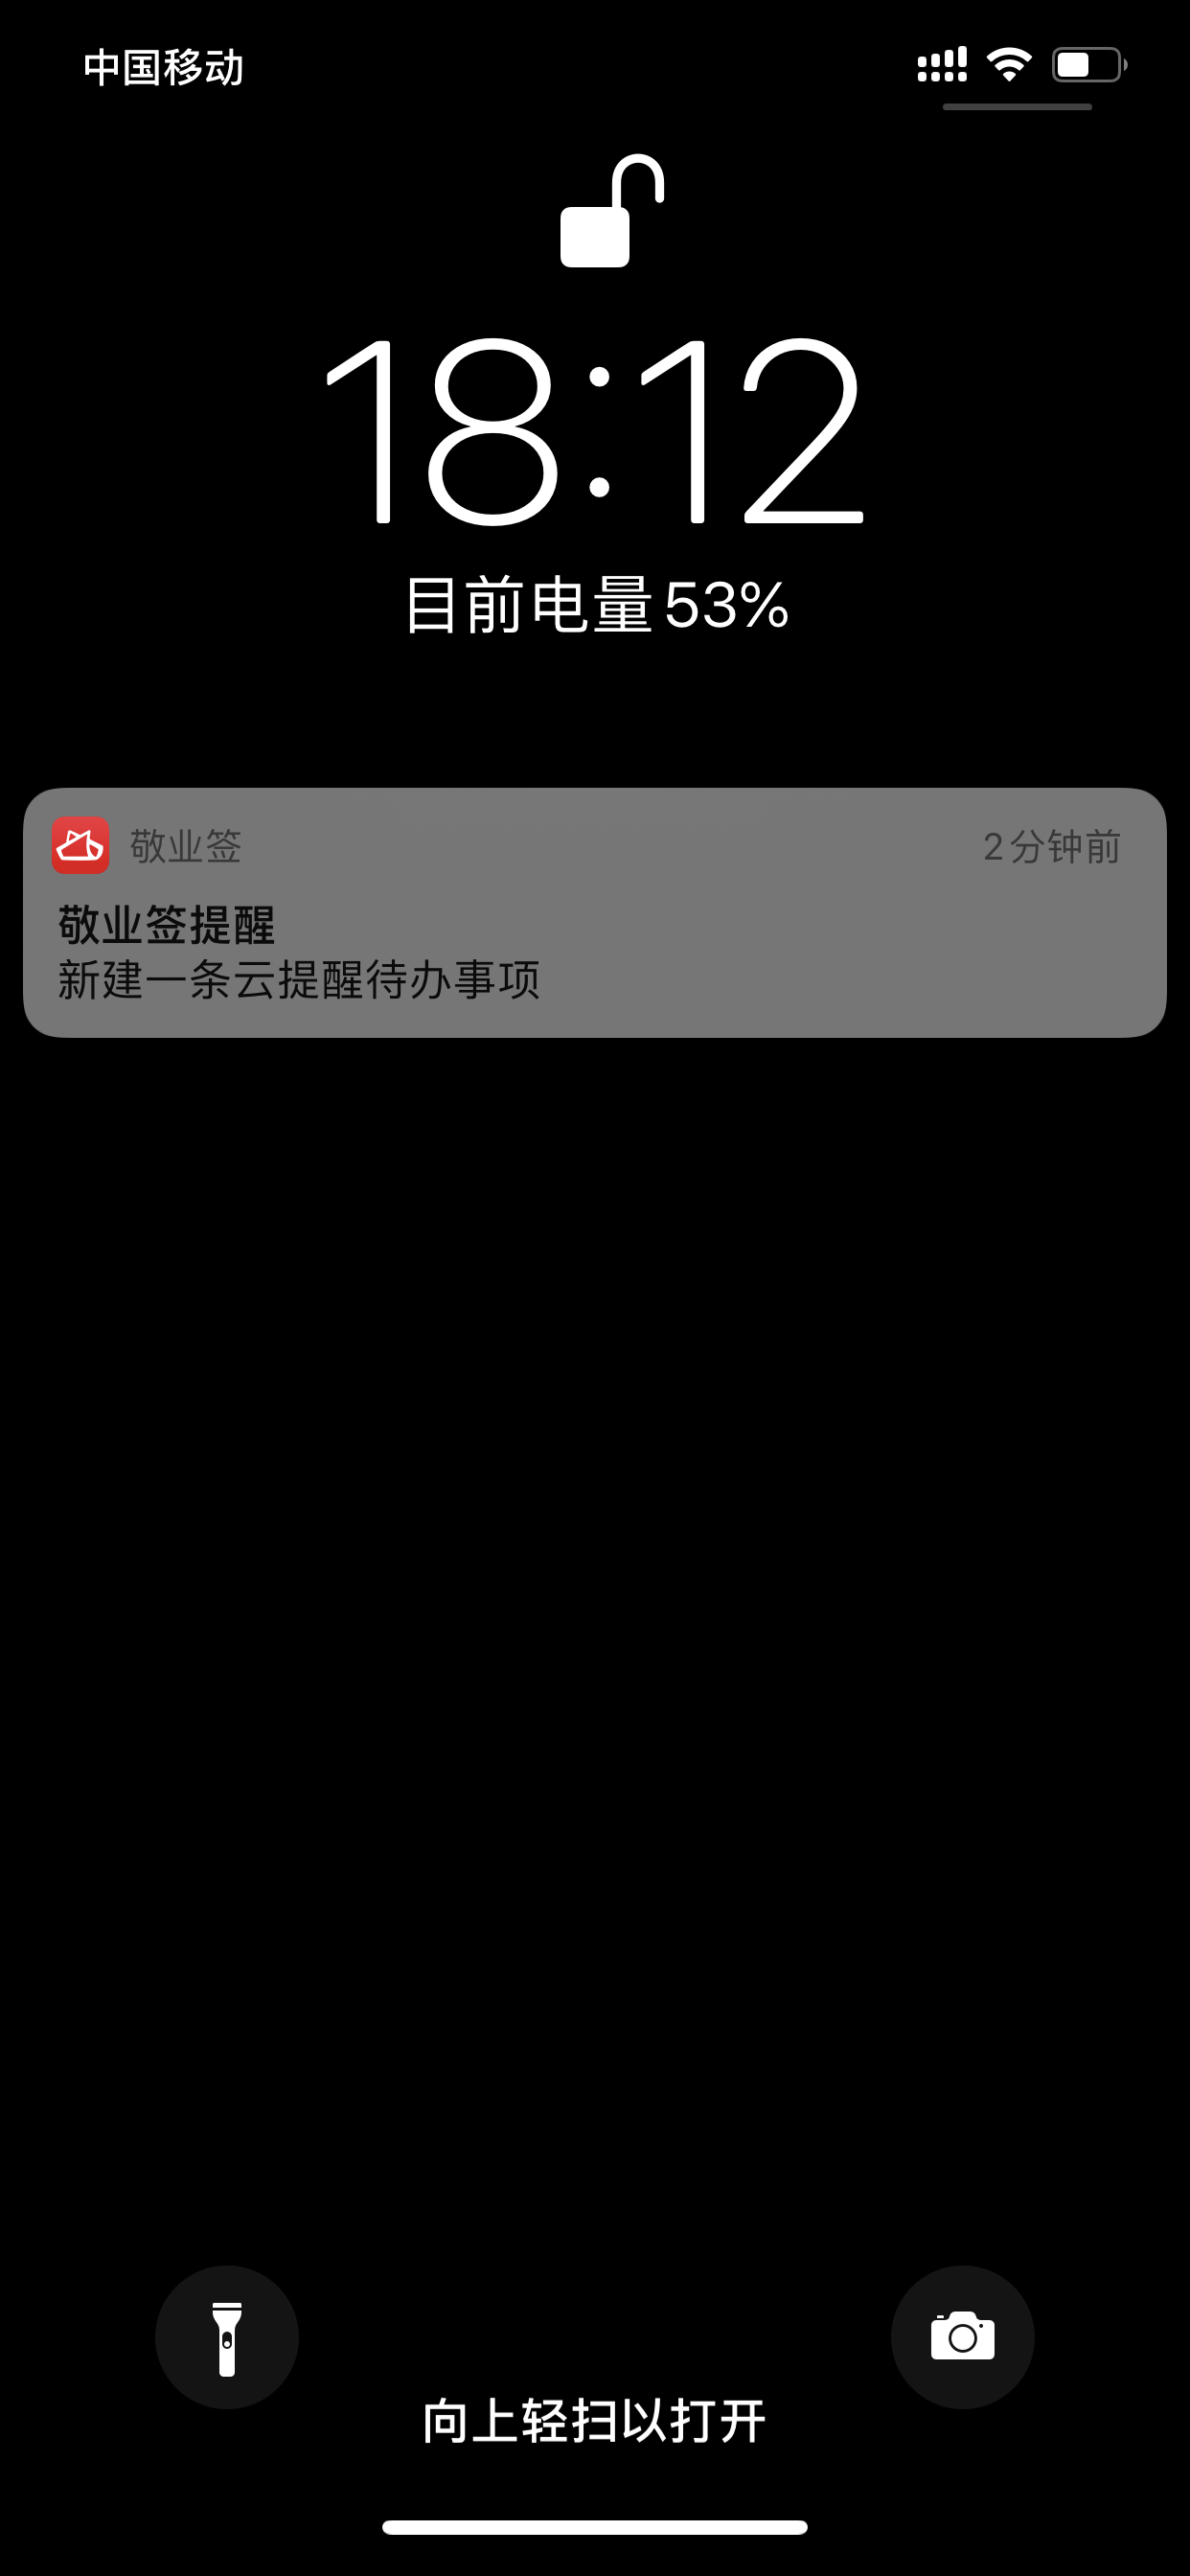 敬业签手机版APP云提醒通知